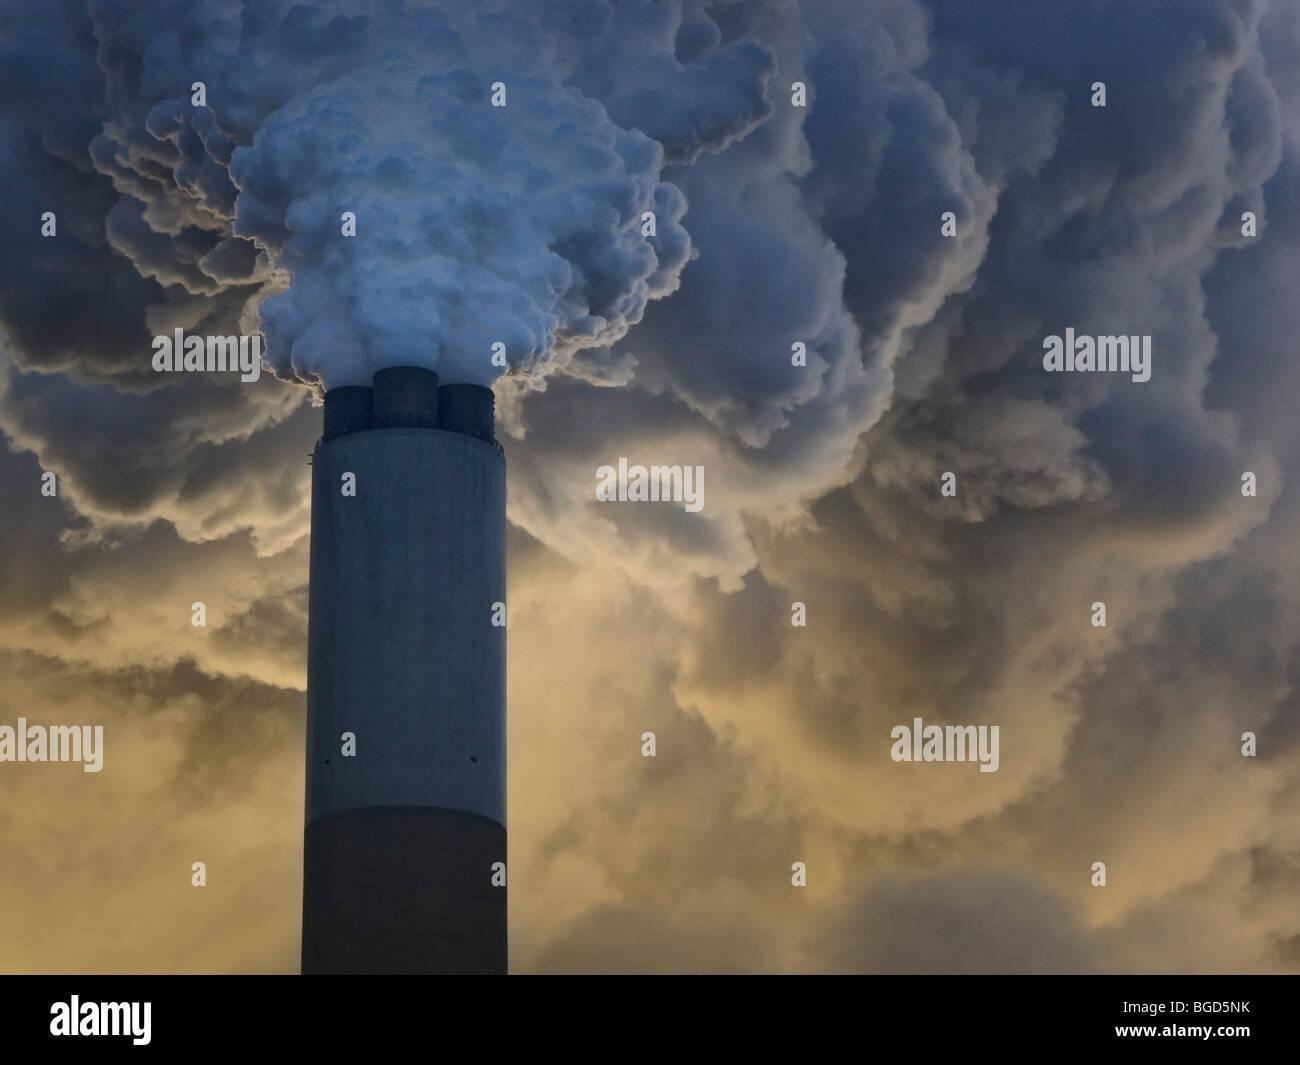 Dicker Rauch Spumes aus einem Kraftwerk Schornstein Stockbild